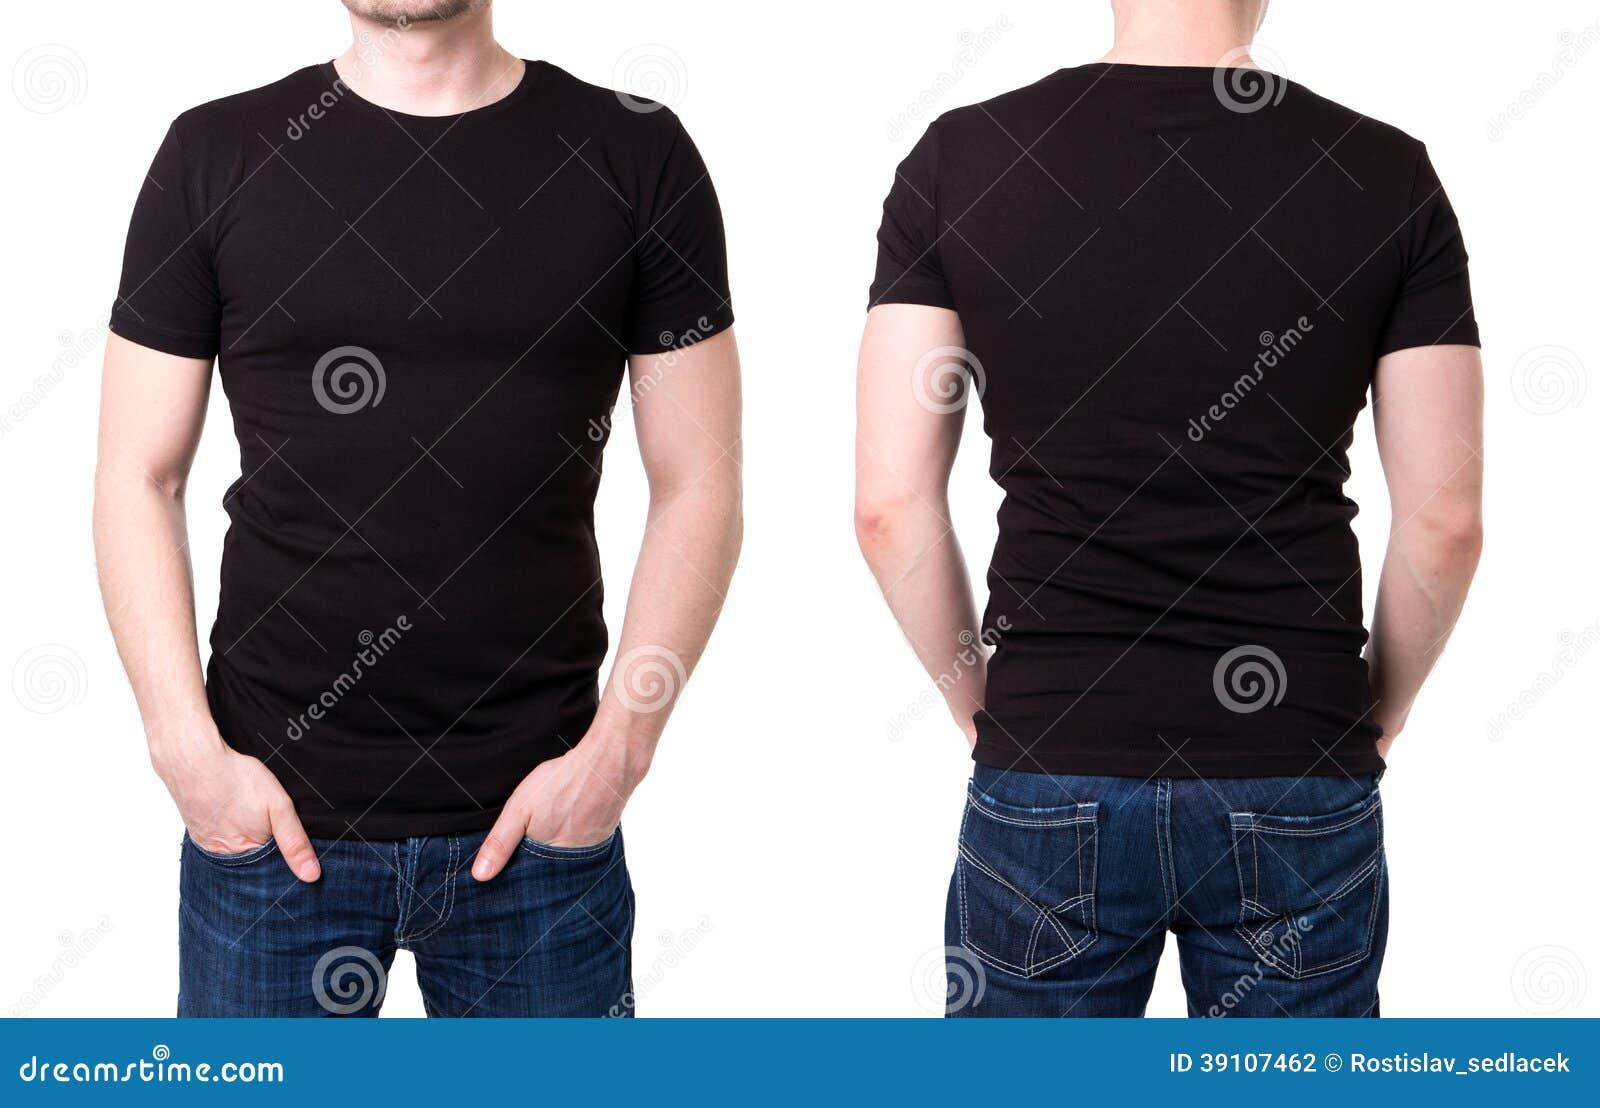 Svart t-skjorta på en mall för ung man